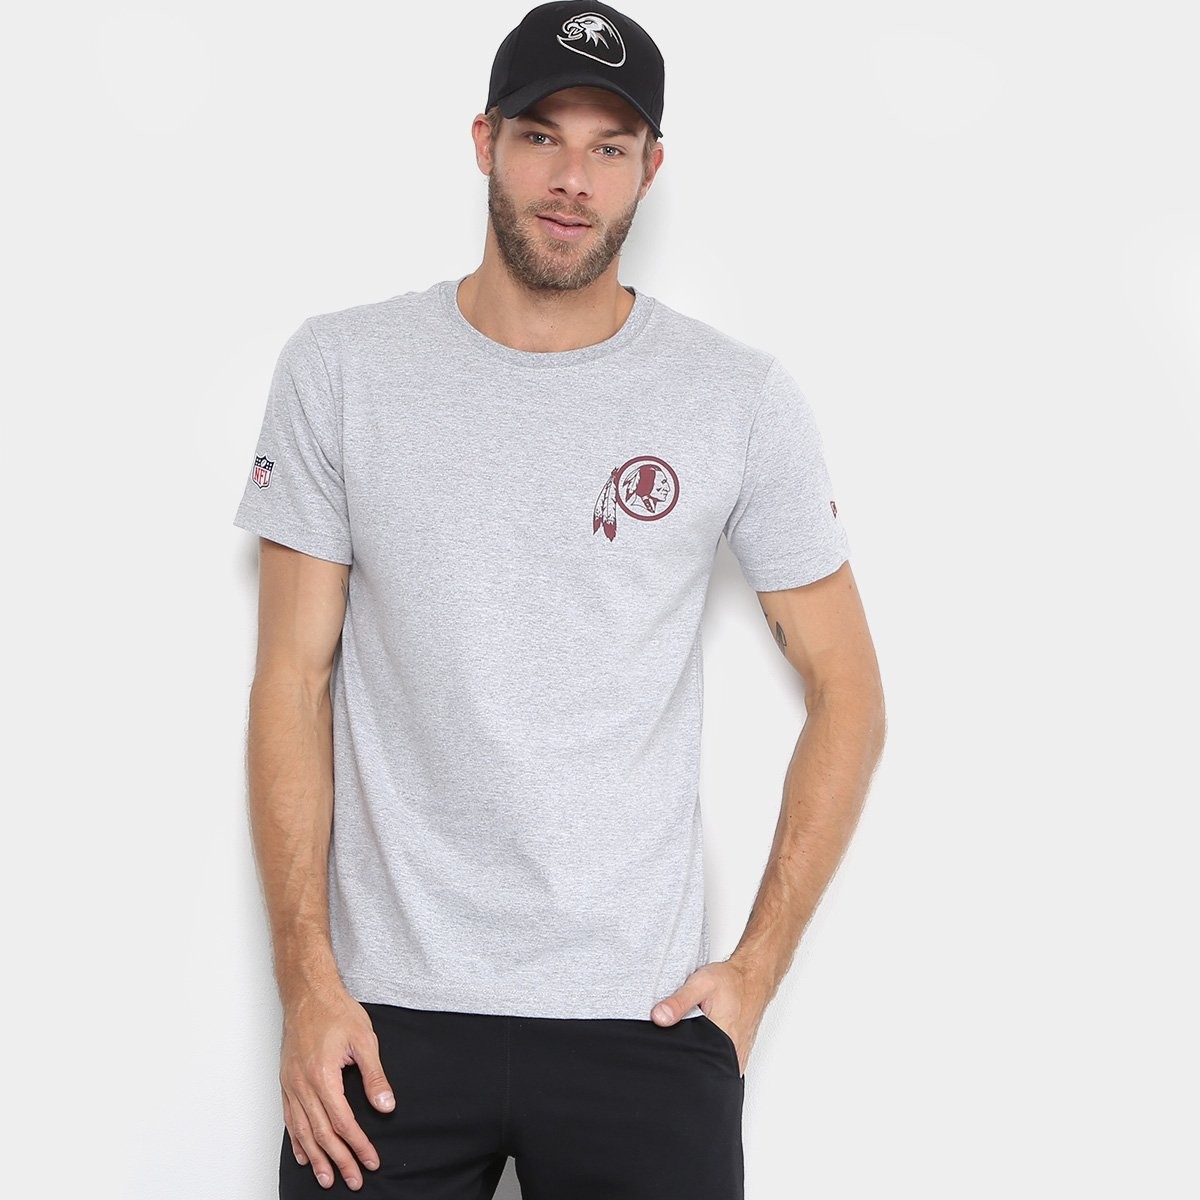 Camiseta NFL Washington Football Team New Era Basic Masculina